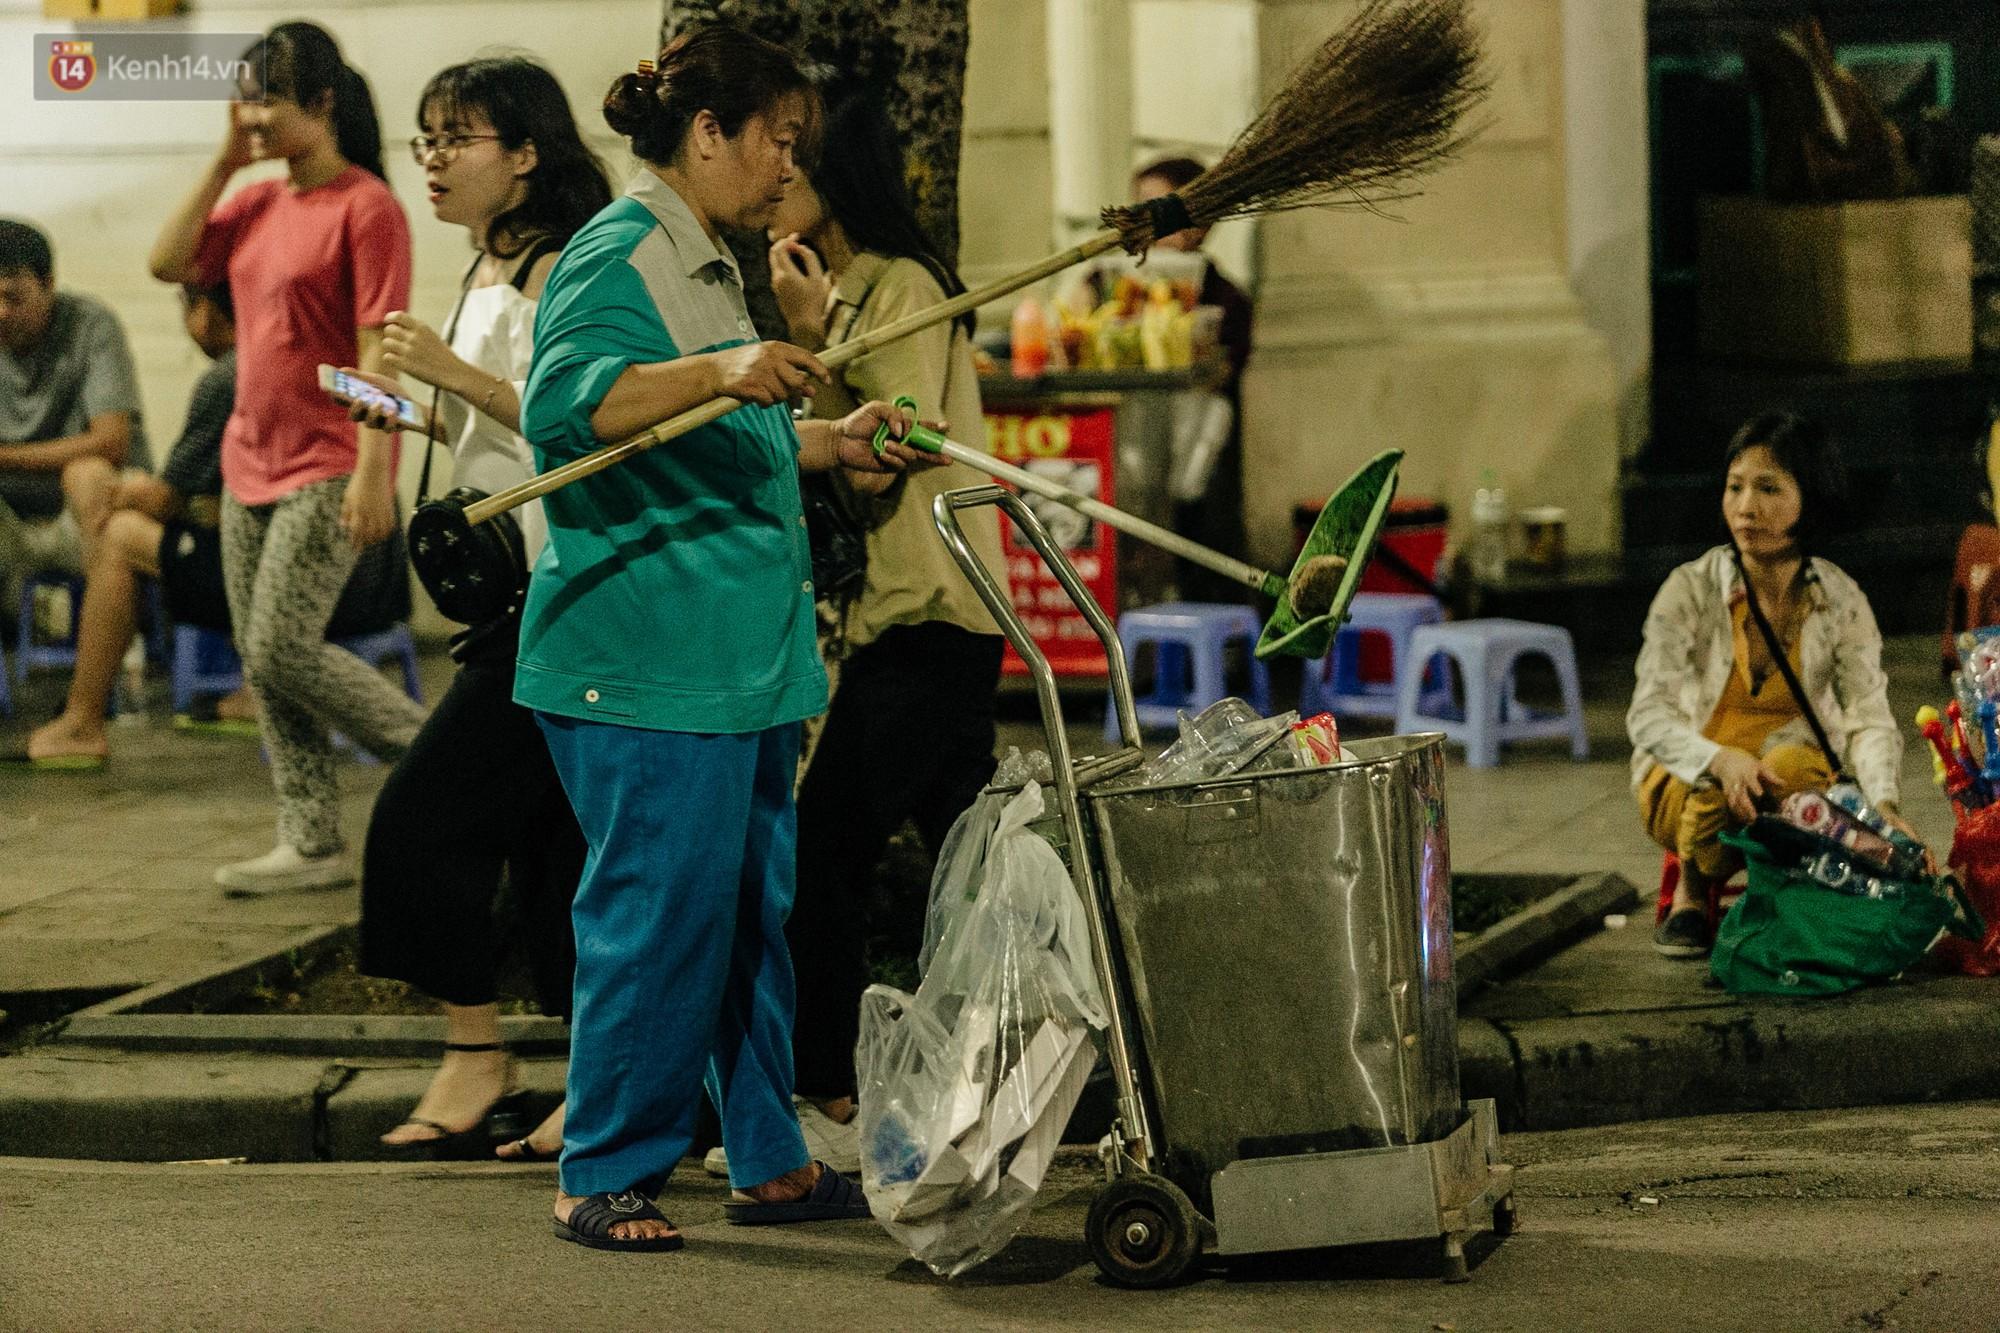 Người Hà Nội ủng hộ việc lắp camera ghi hình, phạt 7 triệu đồng hành vi xả rác ở phố đi bộ - Ảnh 10.